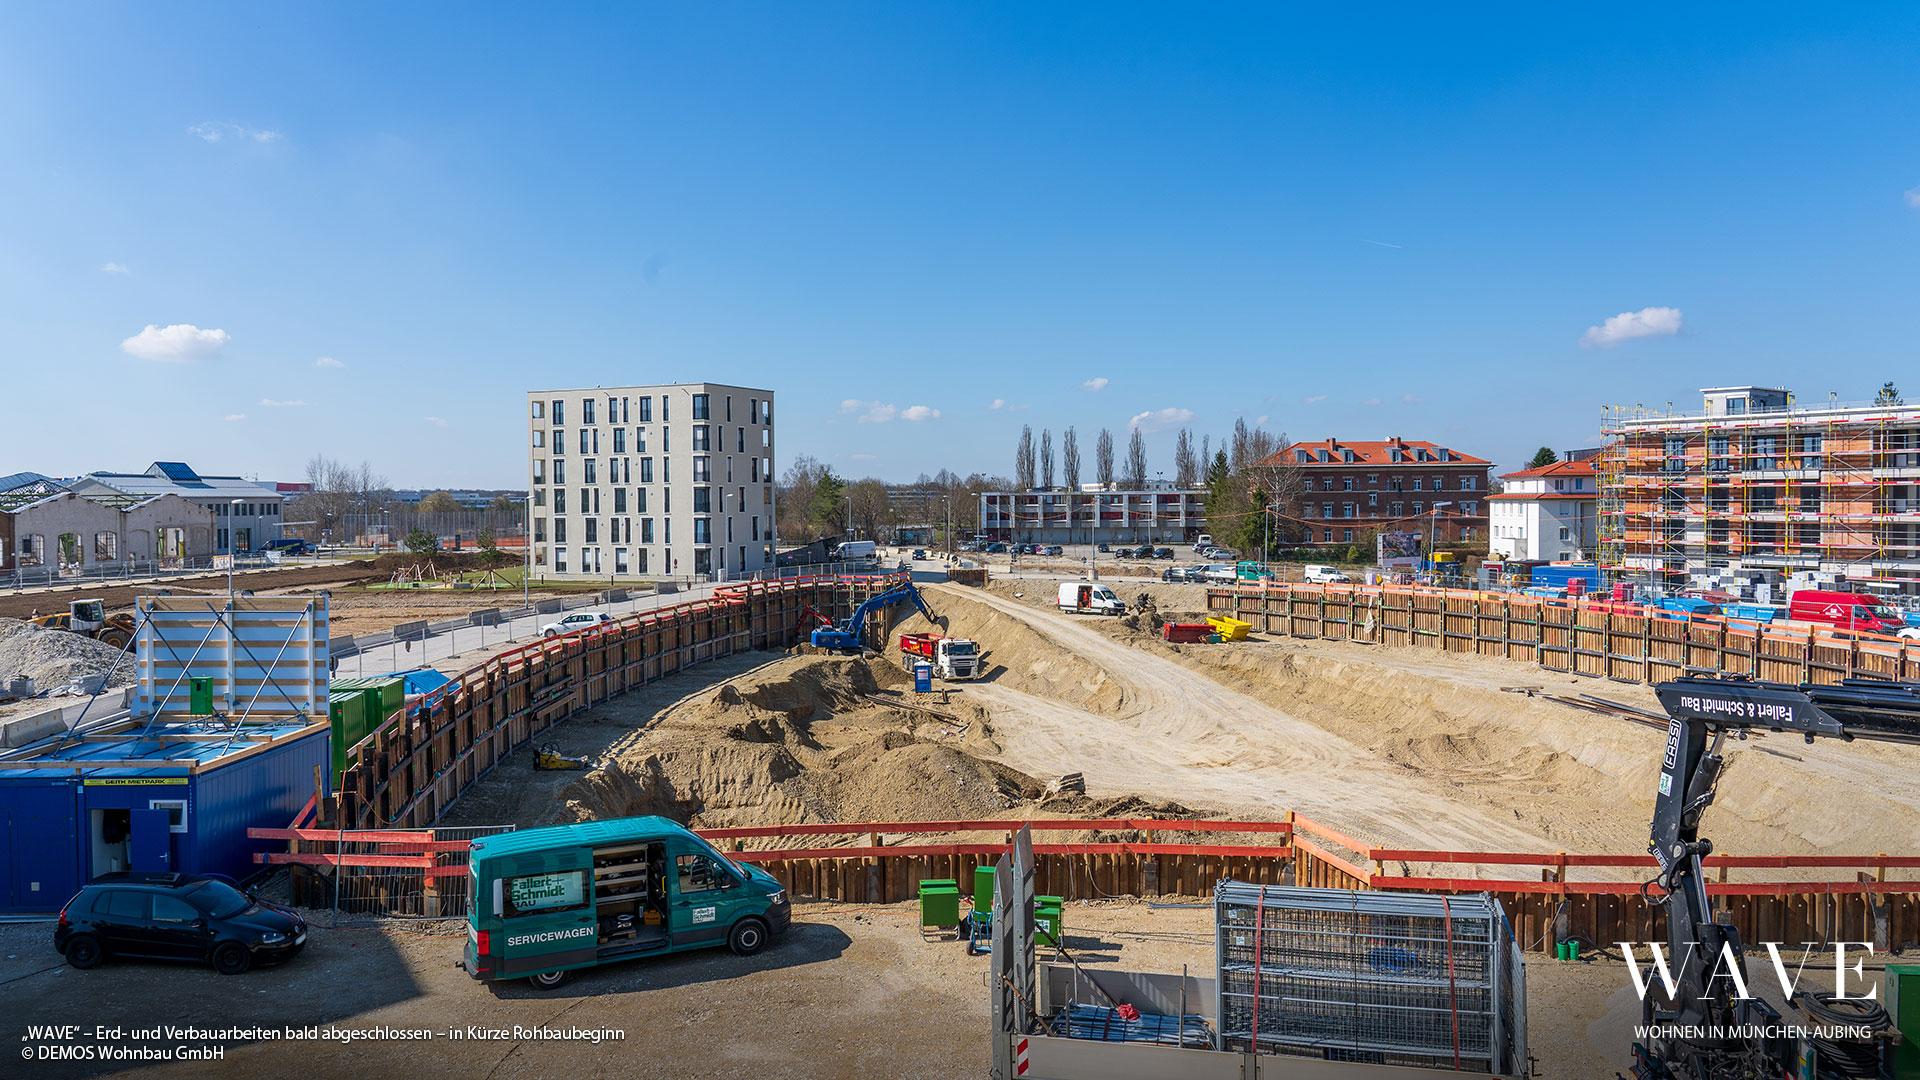 """""""WAVE"""" in München-Aubing: Verbau- und Erdarbeiten bald abgeschlossen – In Kürze Rohbaubeginn"""